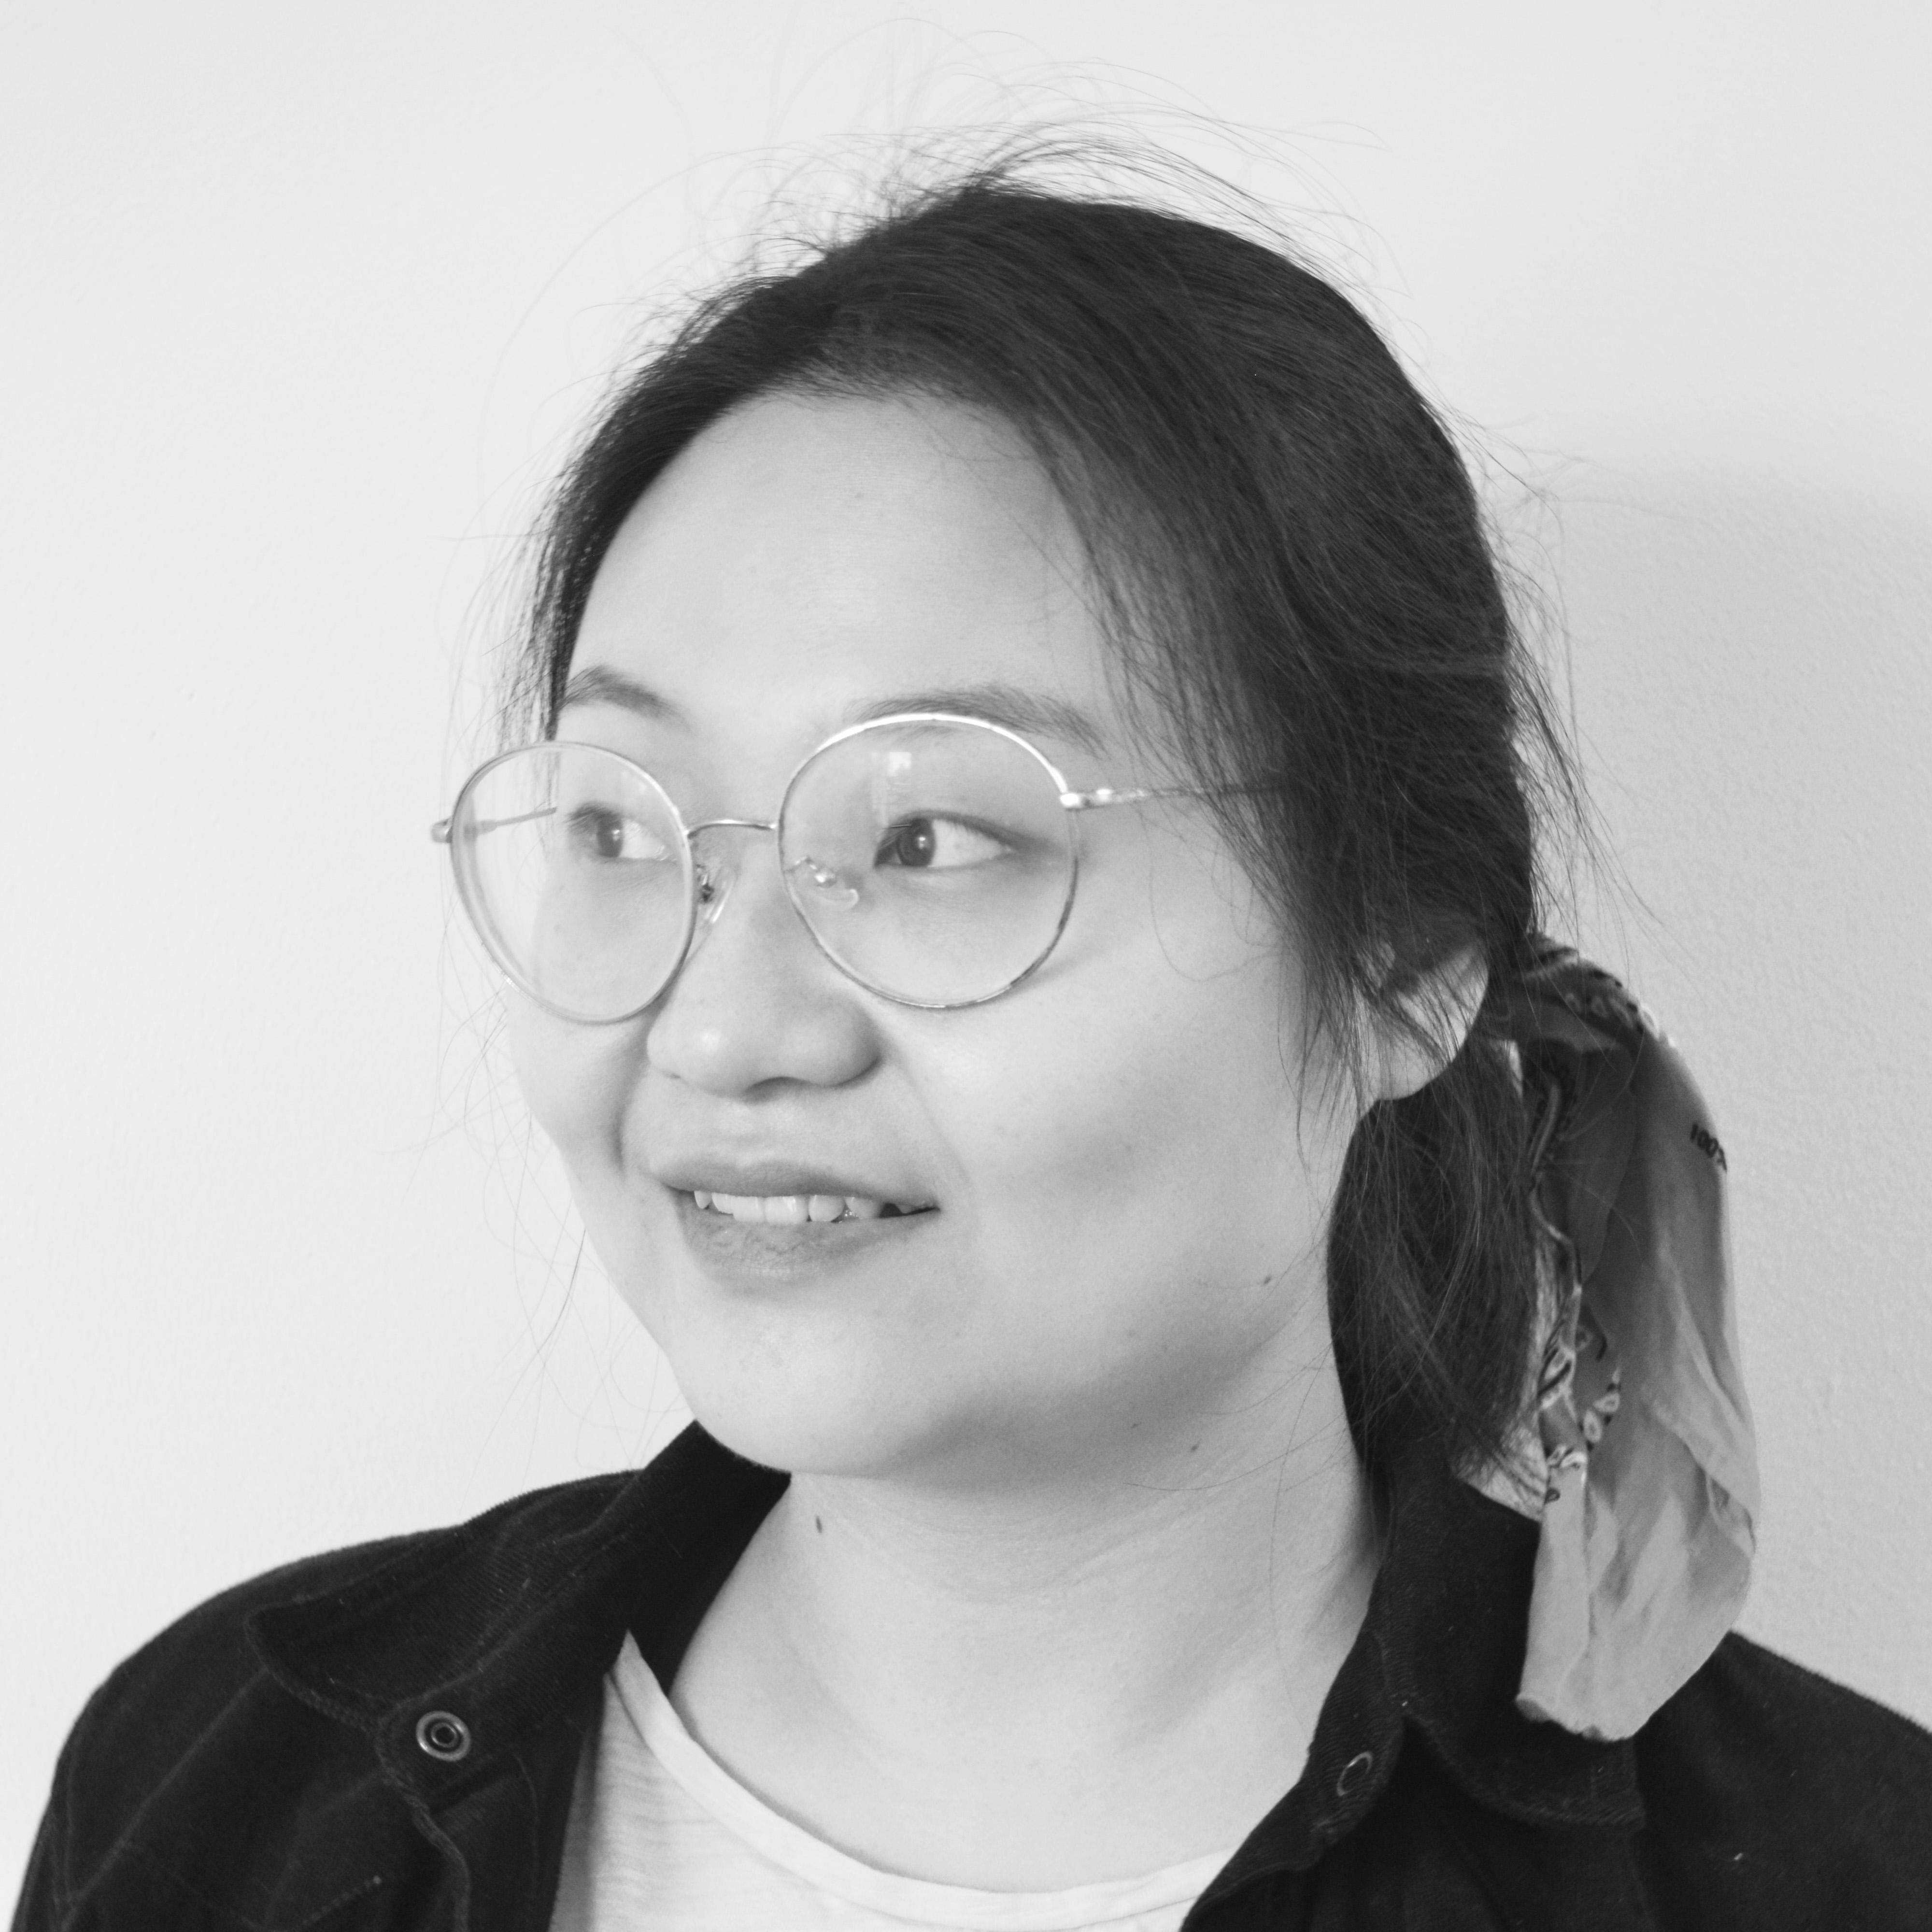 Limeng Zhu